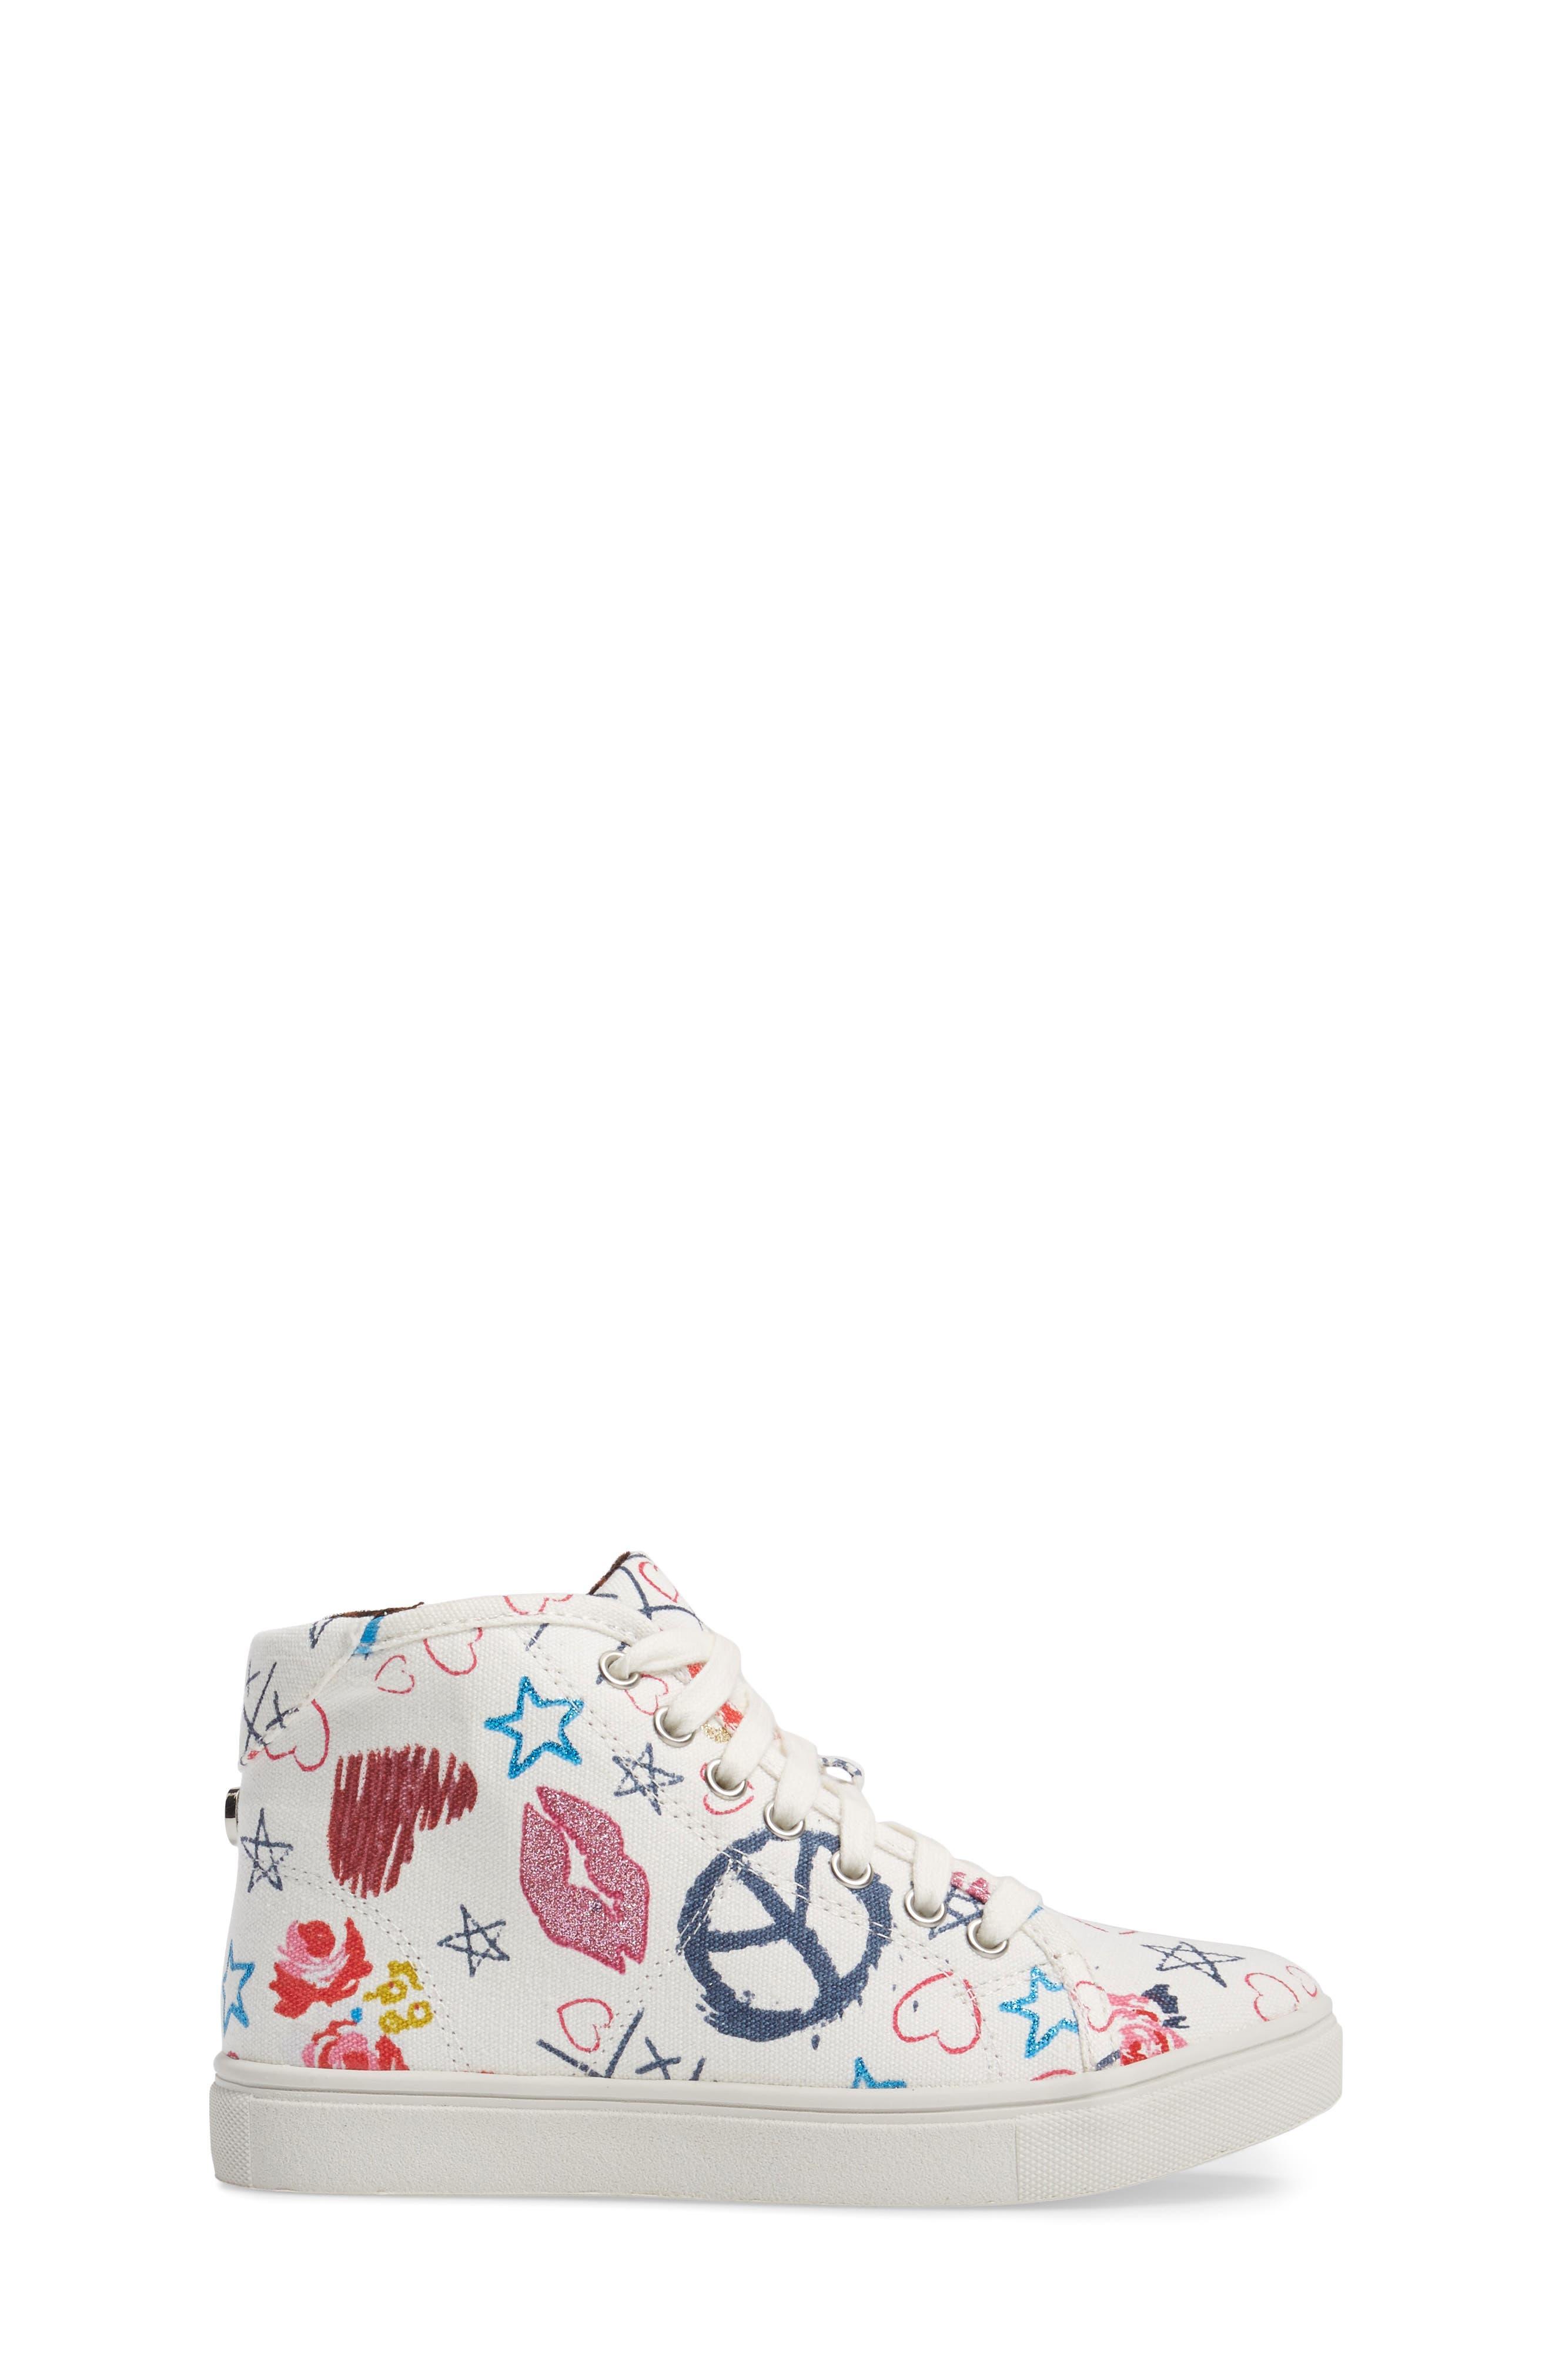 JScribble High Top Sneaker,                             Alternate thumbnail 3, color,                             White